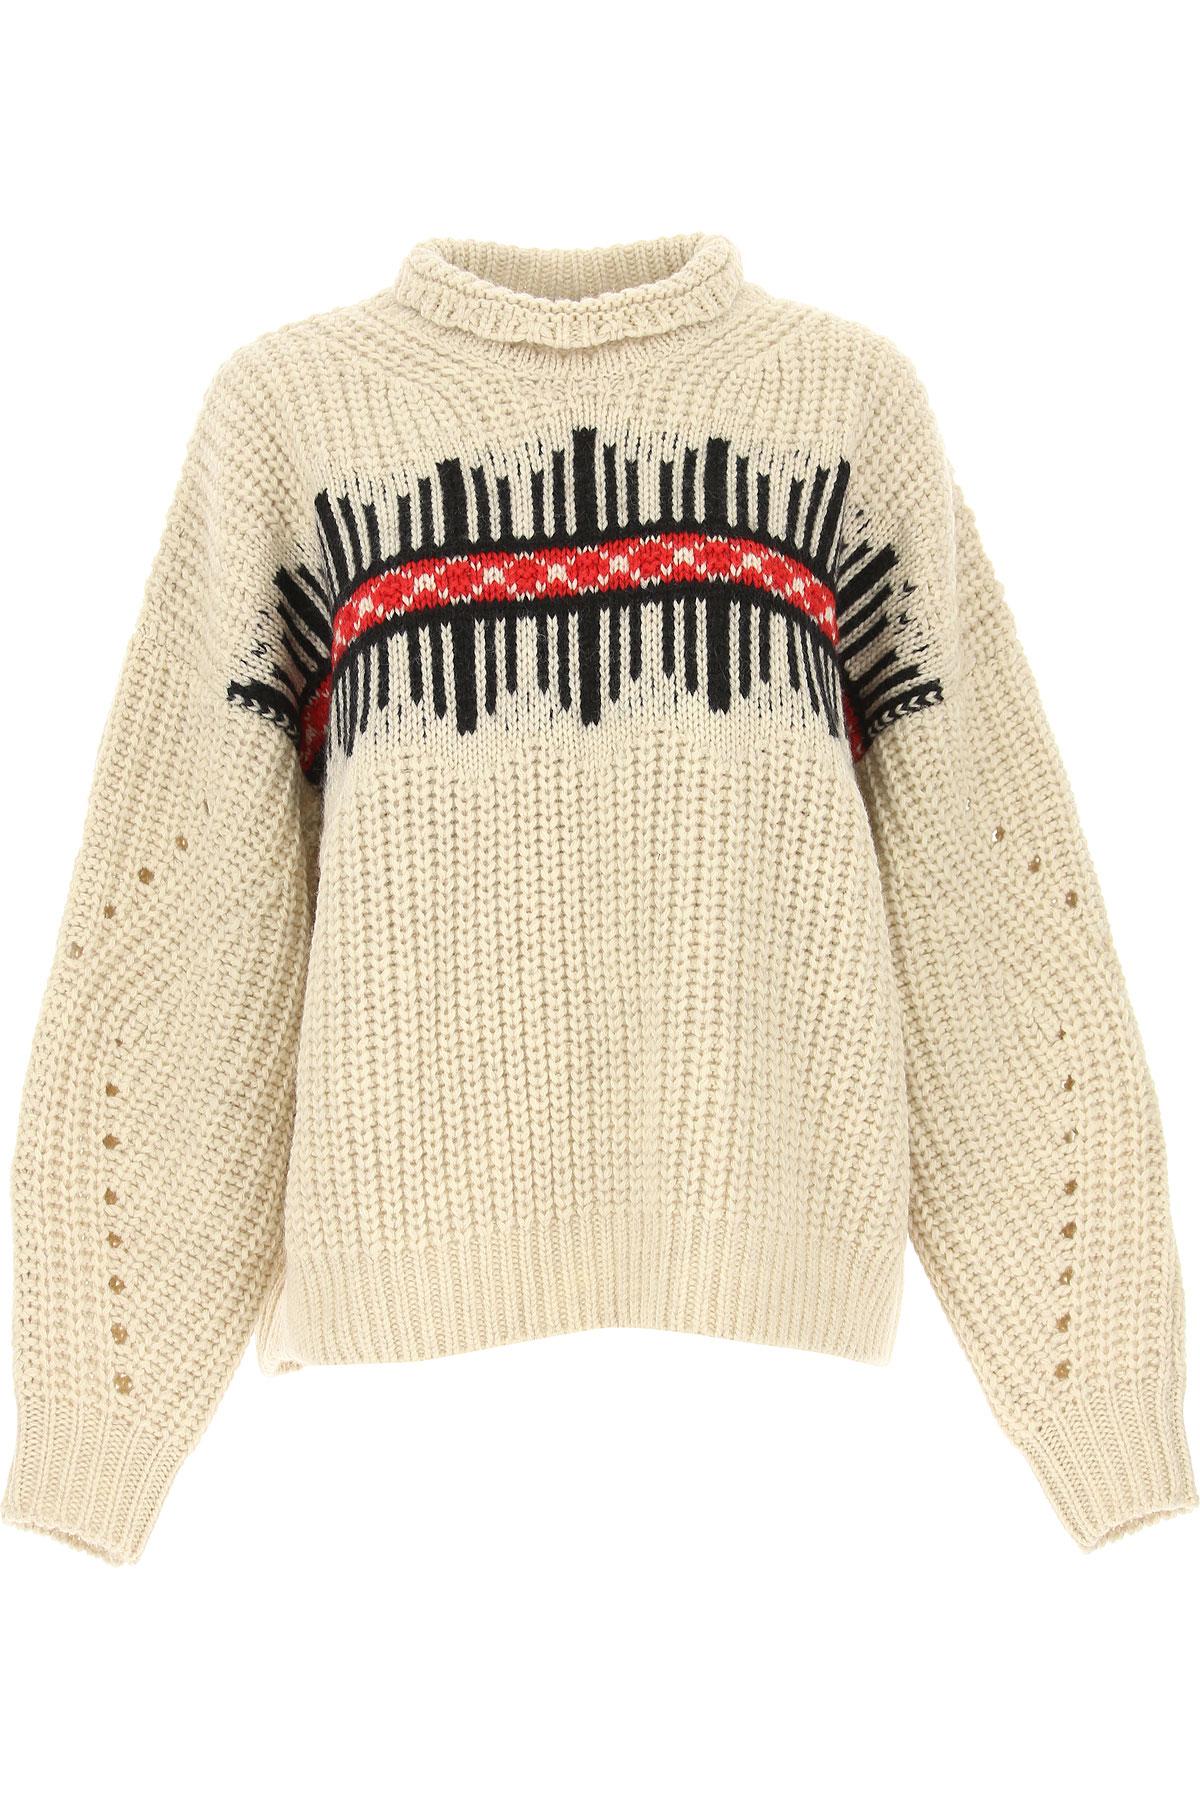 Isabel Marant Sweater for Women Jumper, Ecru, Wool, 2017, FR 34 • IT 38 FR 36 • IT 40 FR 38 • IT 42 USA-478741